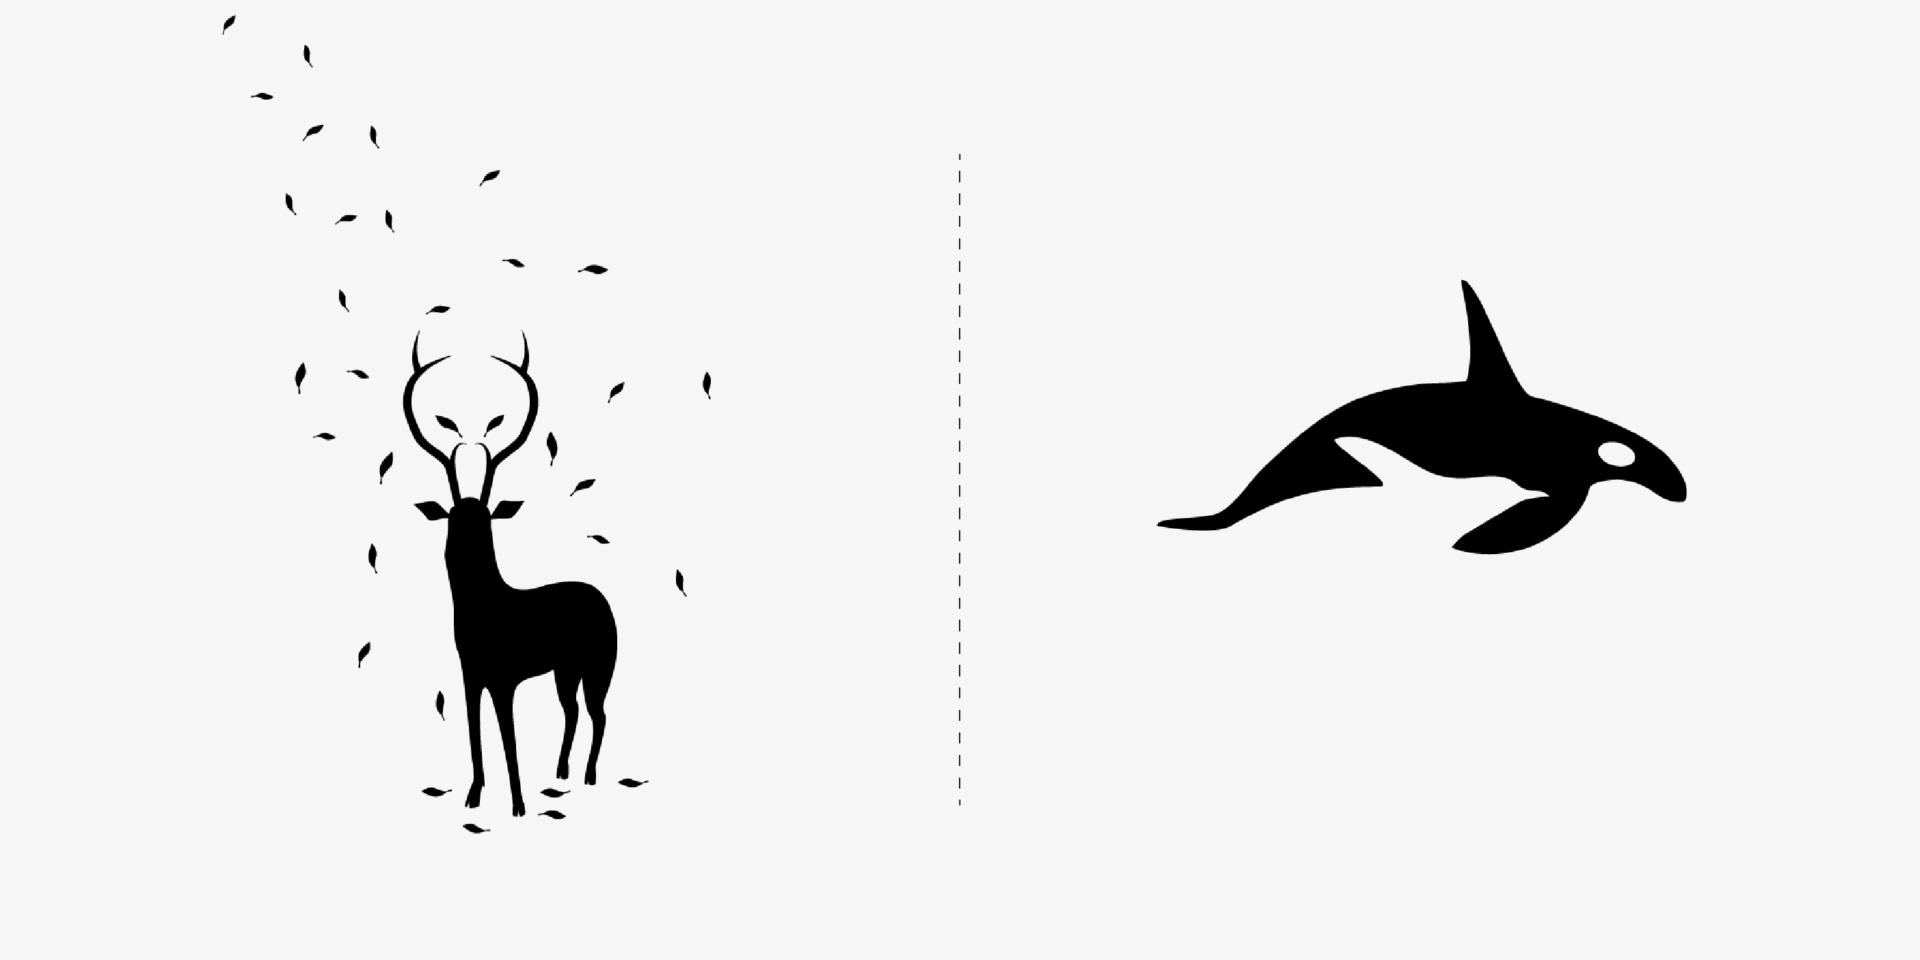 diseños e ilustraciones de depredadores y presas en blanco y negro